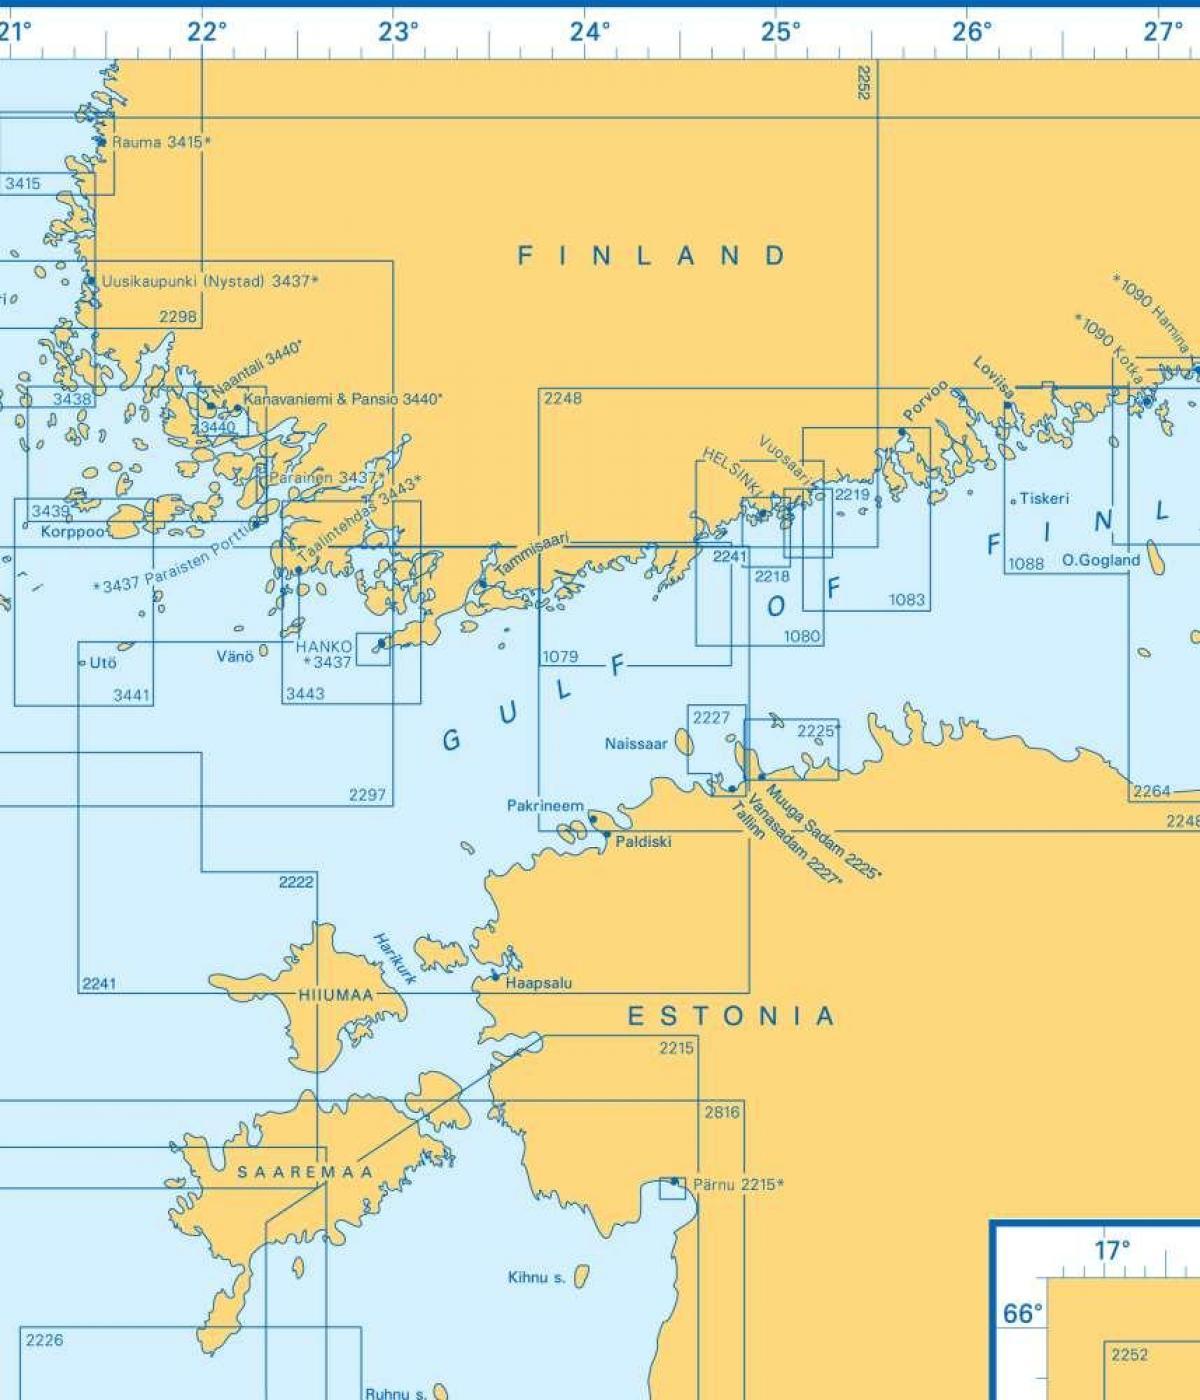 Suomenlahden Kartta Kartta Suomenlahti Pohjois Eurooppa Eurooppa